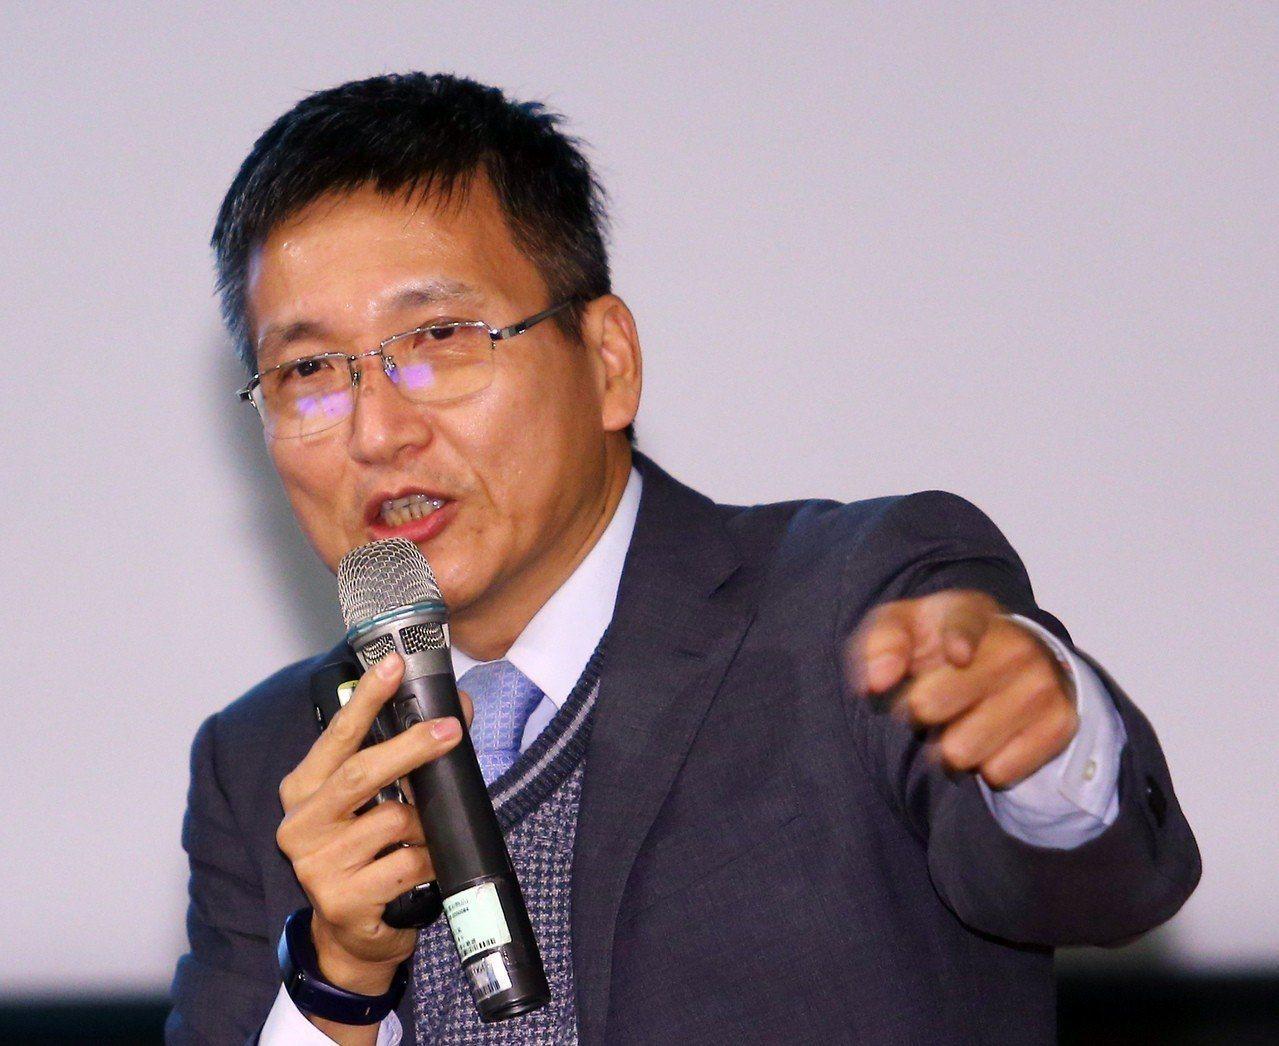 淡江大學陸研所副教授、兩岸關係研究中心主任張五岳。圖/聯合報系資料照